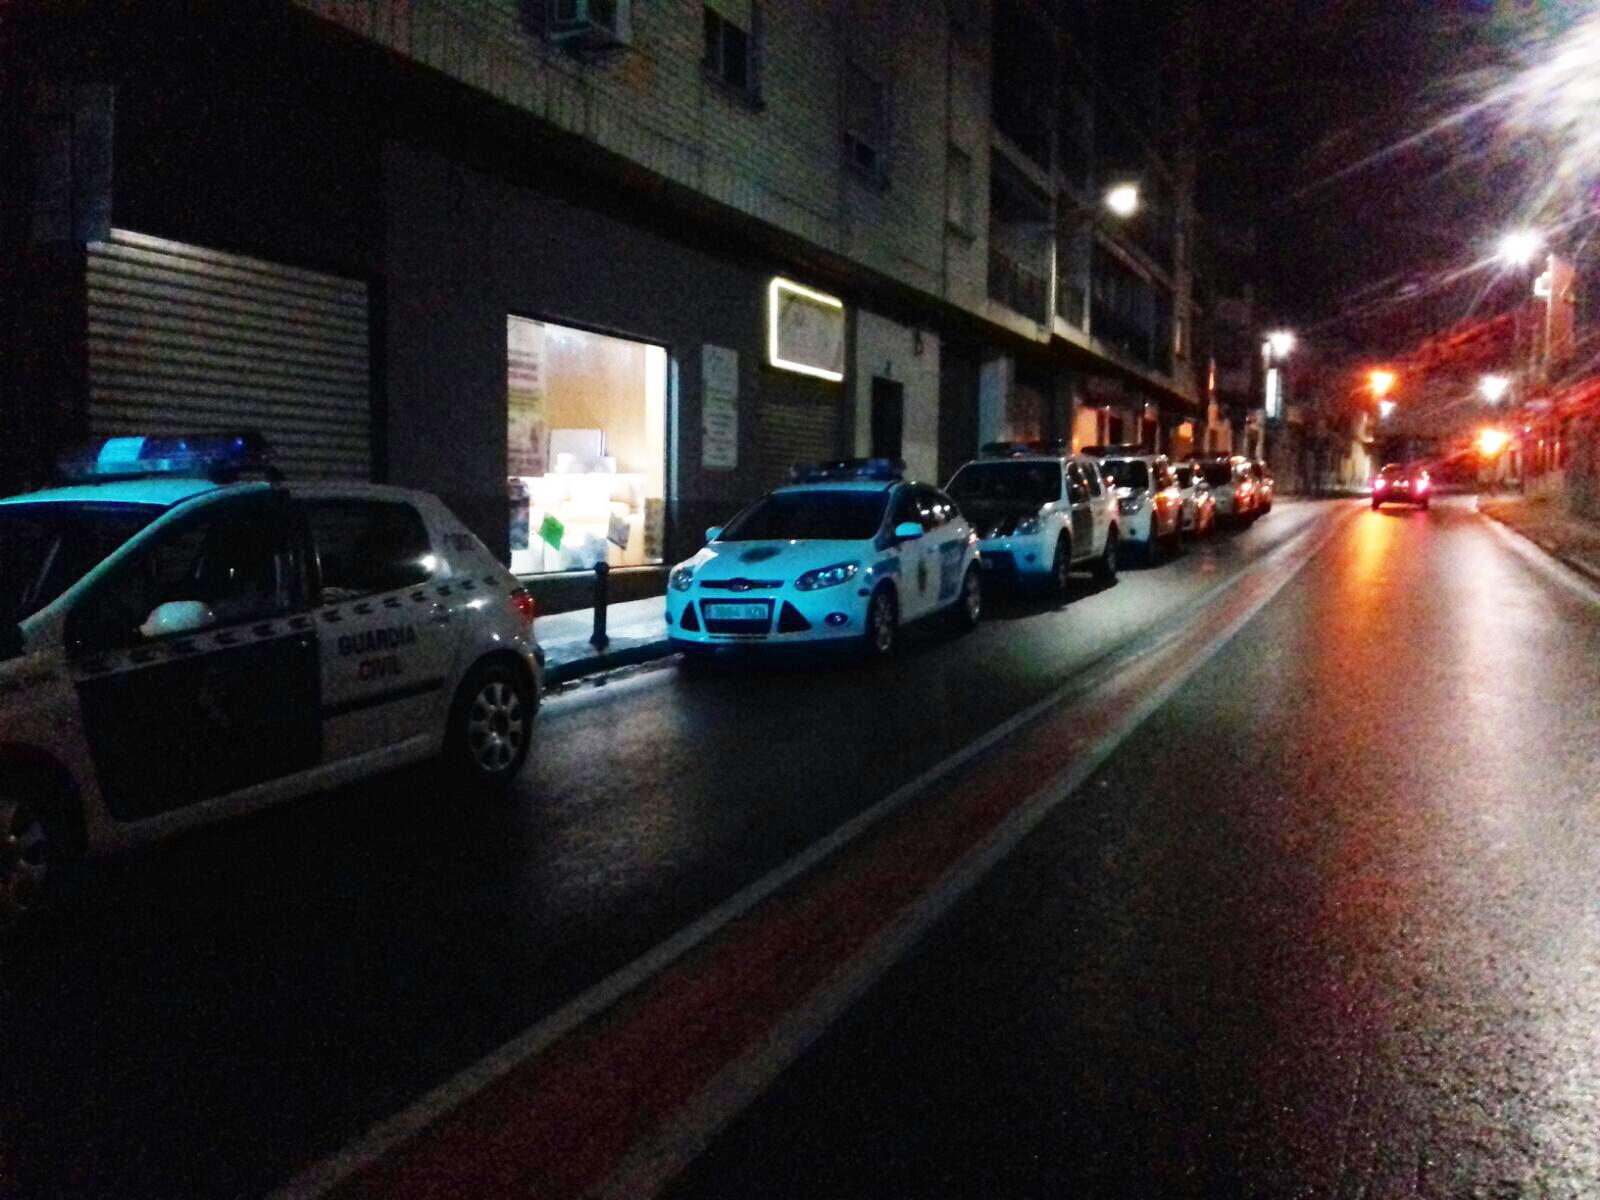 Va tindre lloc este dissabte a un establiment d'oci nocturn de Vilamarxant amb la participació de 20 efectius de seguretat.